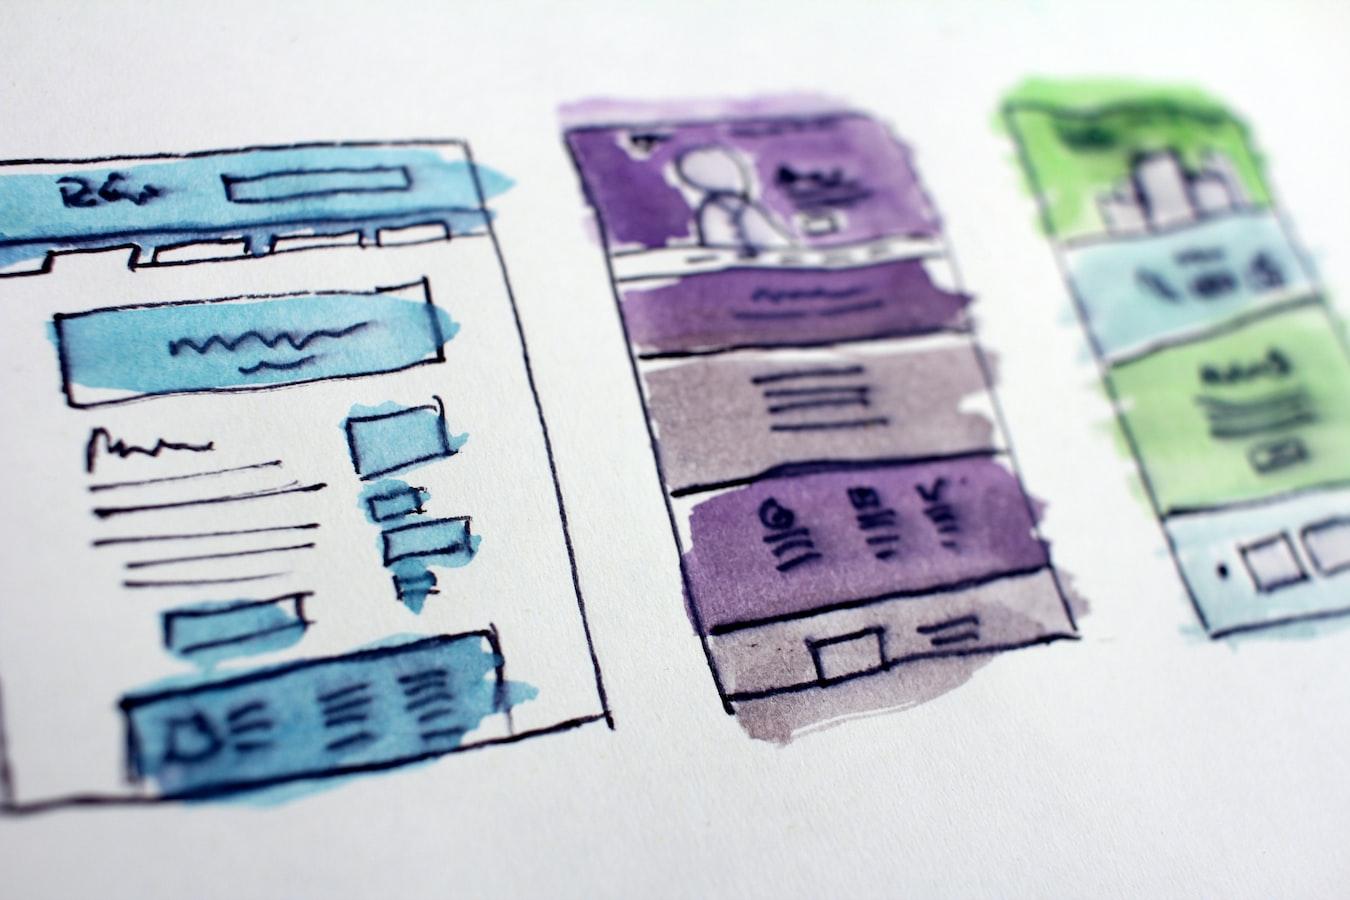 Components Sketch